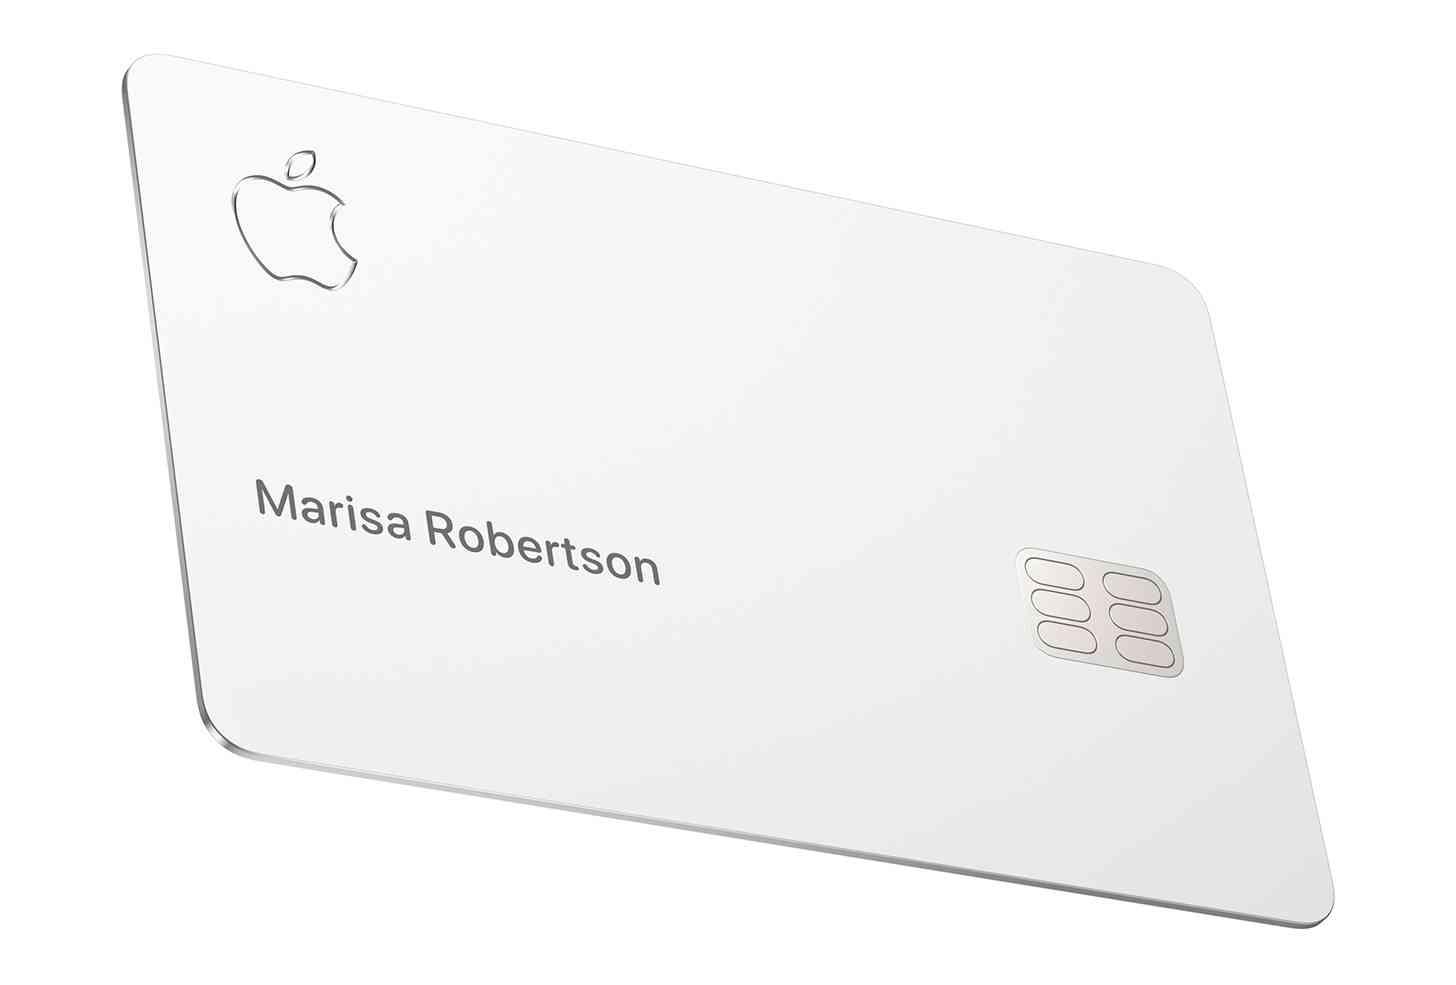 Titanium Apple Card